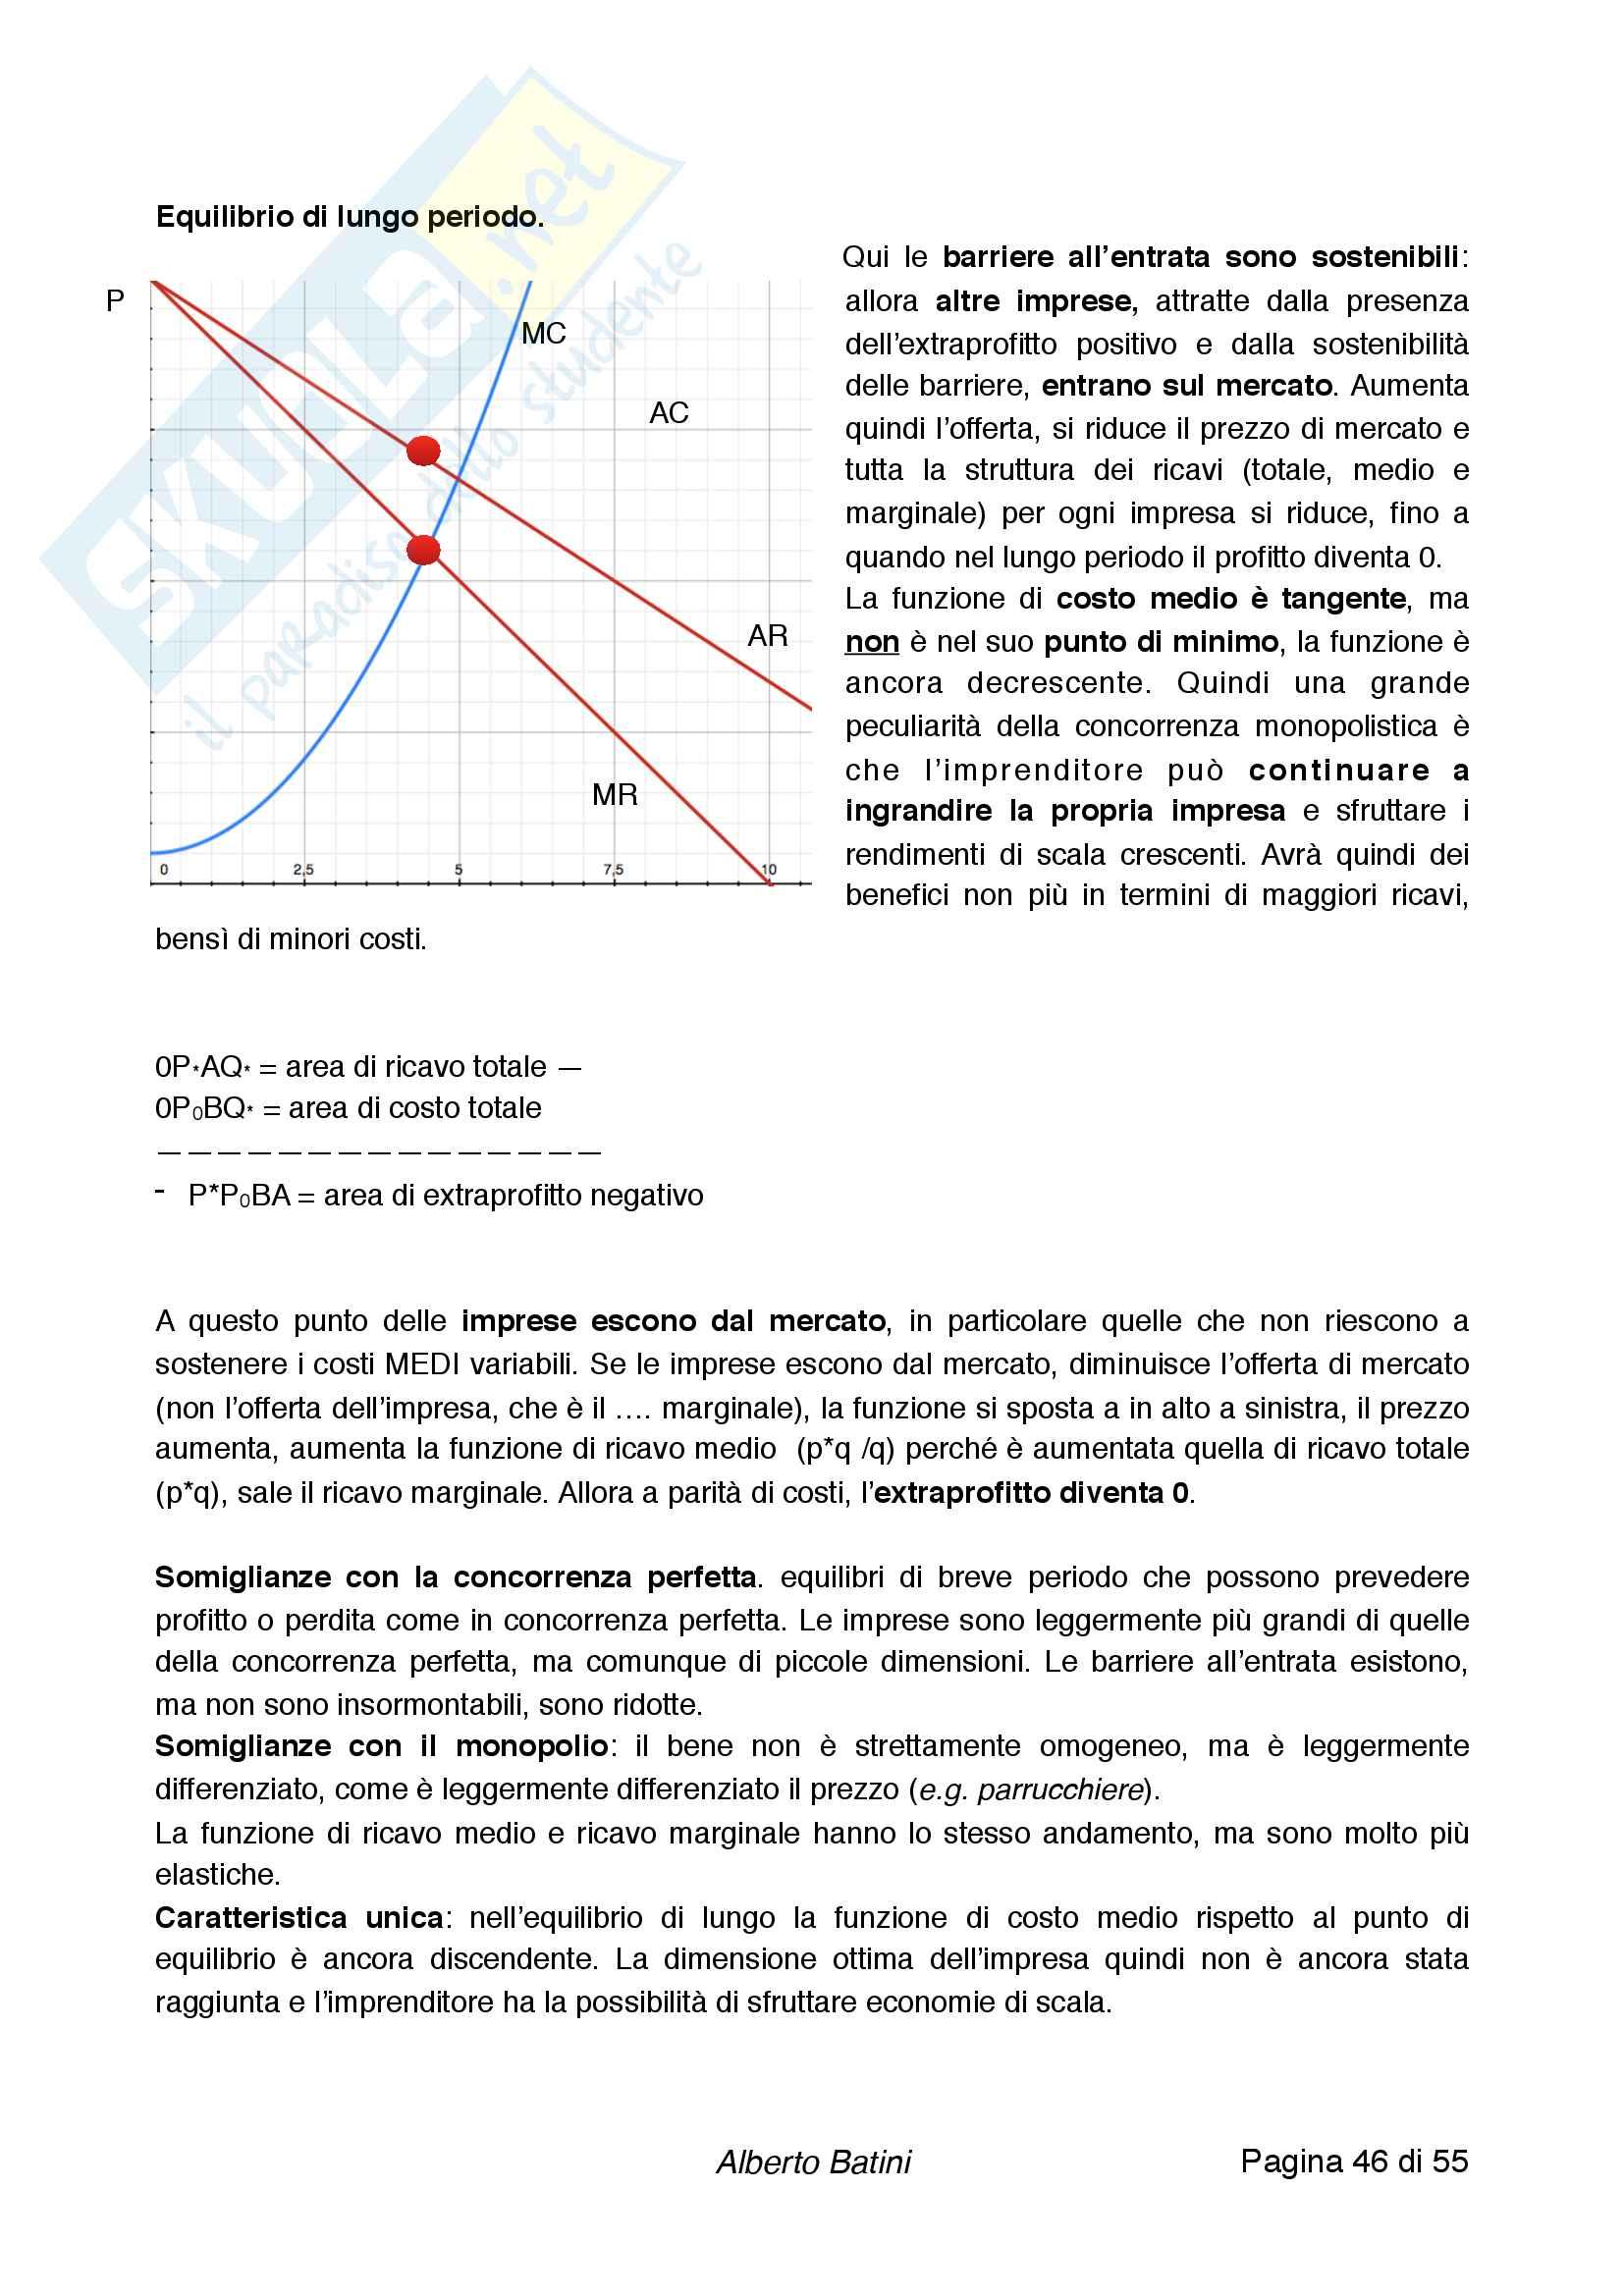 Economia Politica - Microeconomia Pag. 46